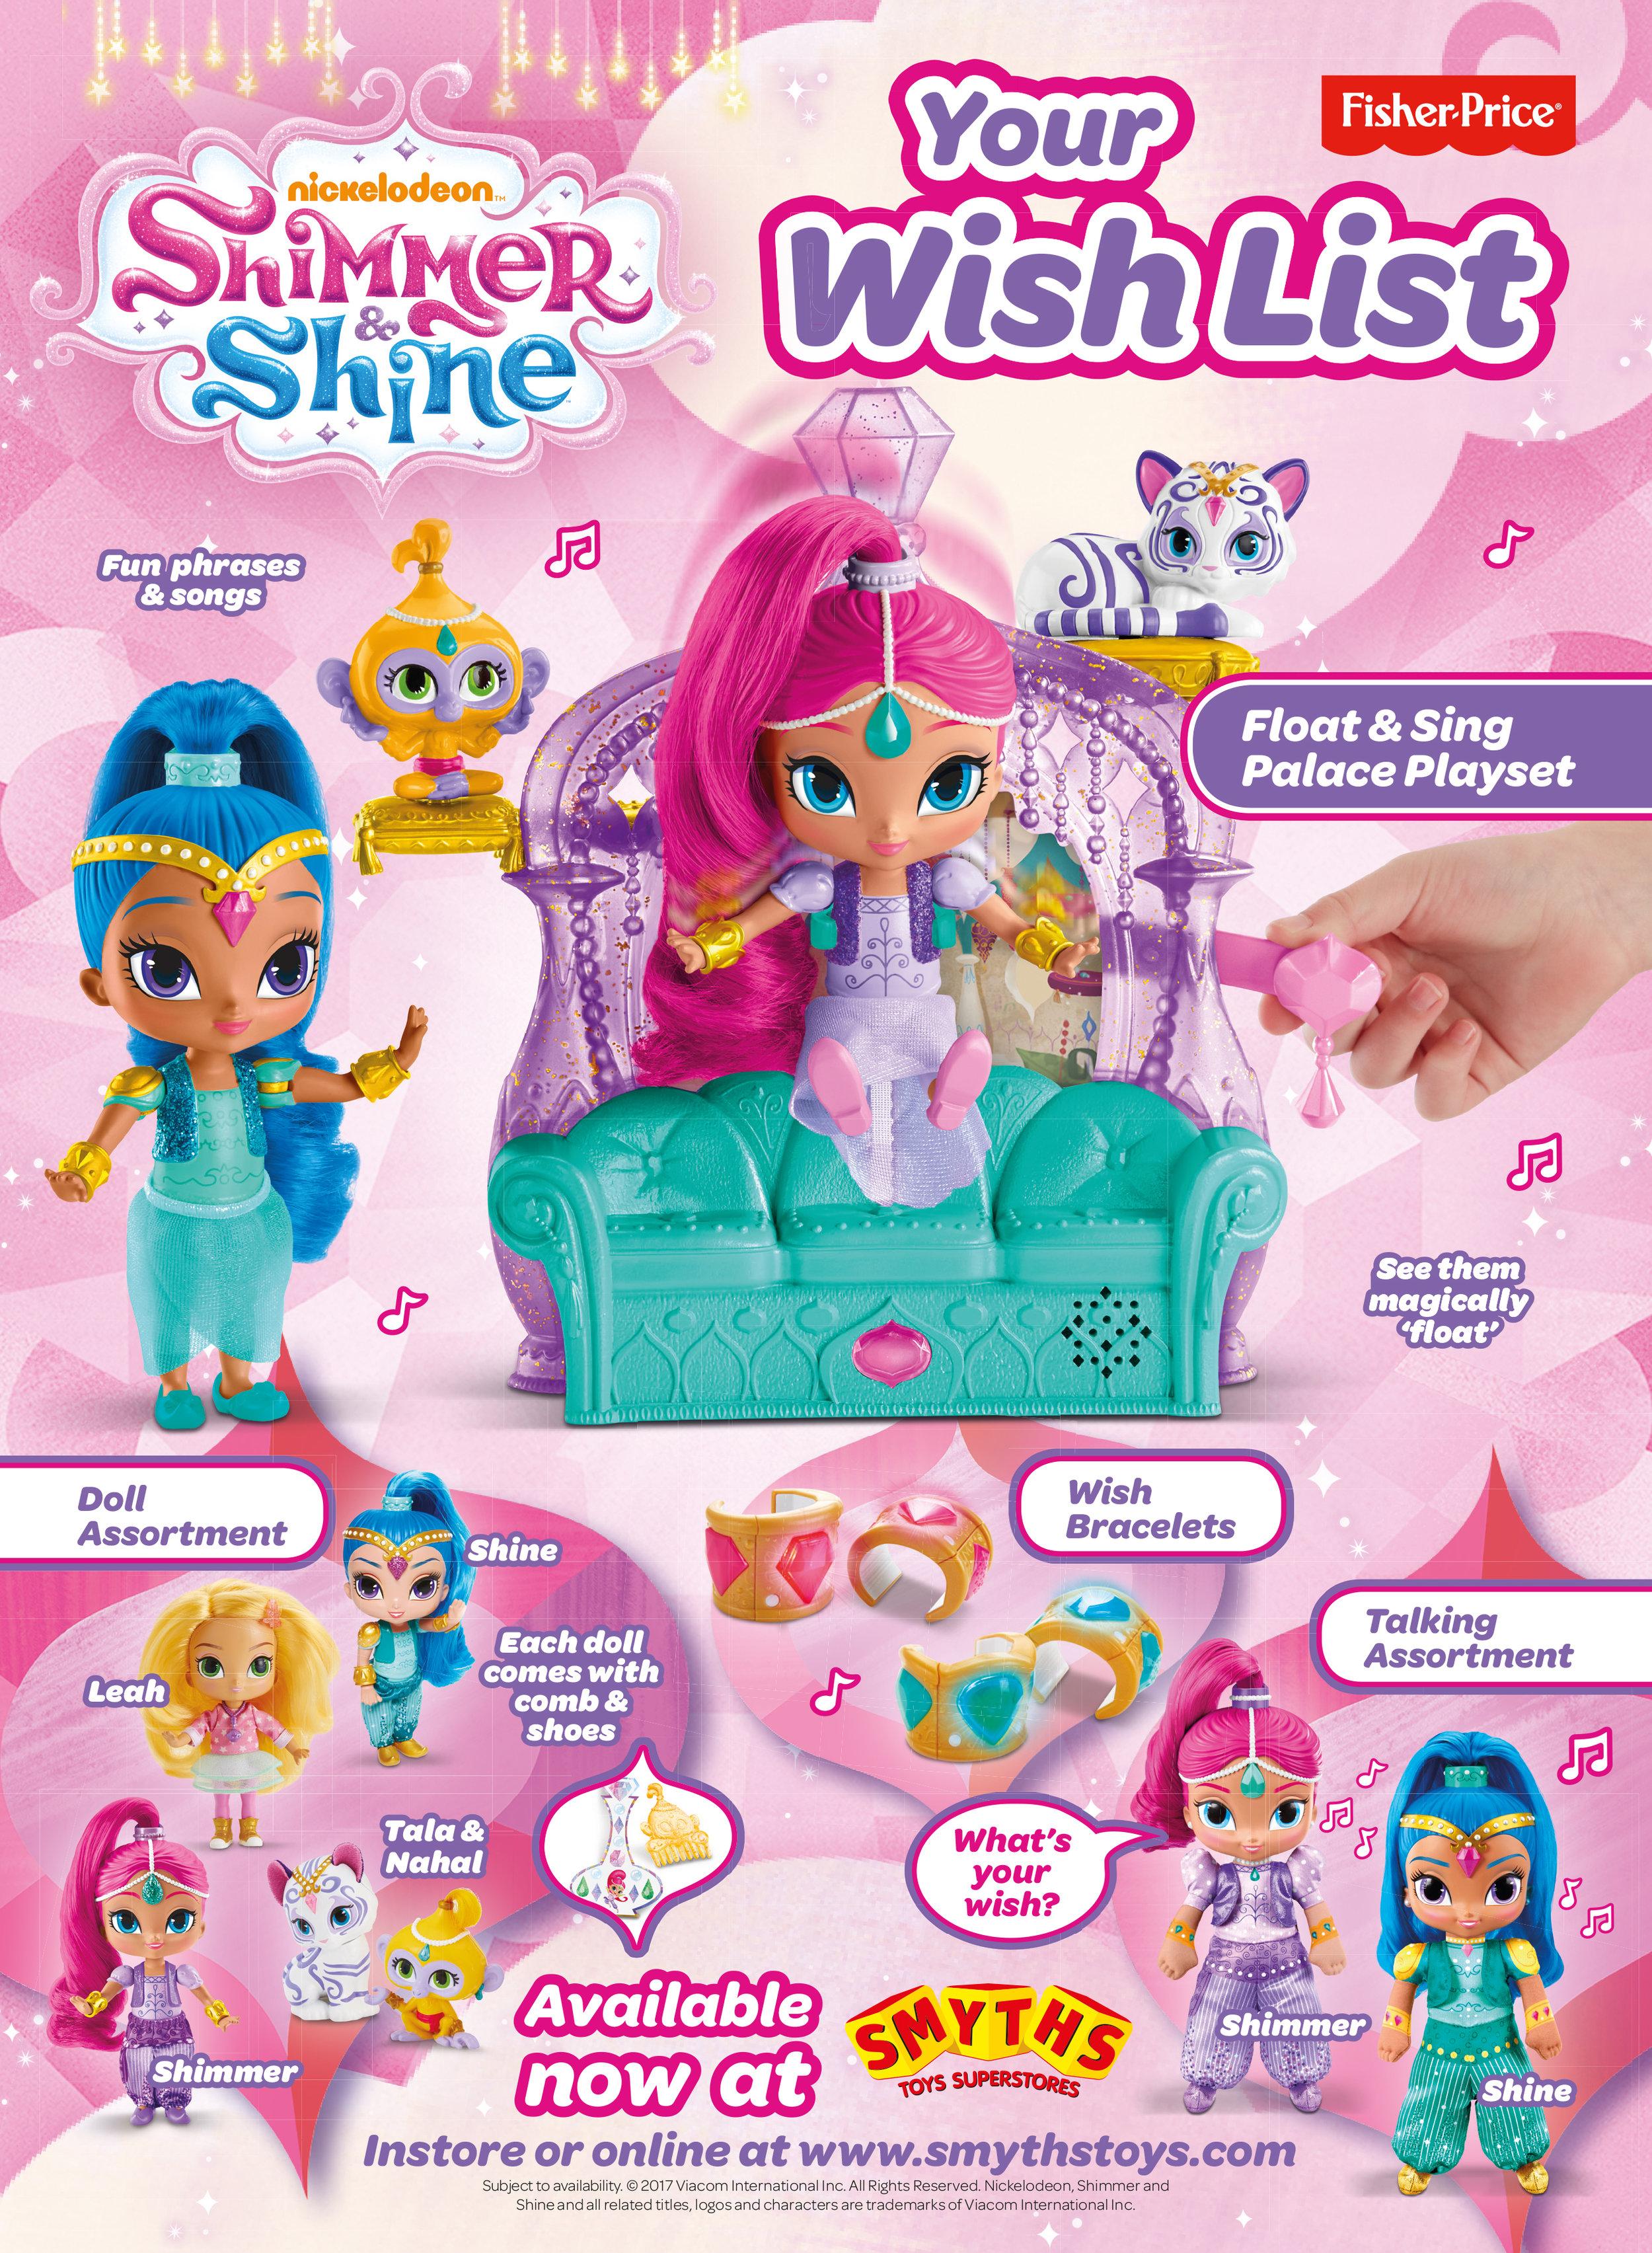 354038_ShimmerAndShine_SparkleWorld_Magazine_Issue244_220x300mm_SmythsTagged_Af2.jpg